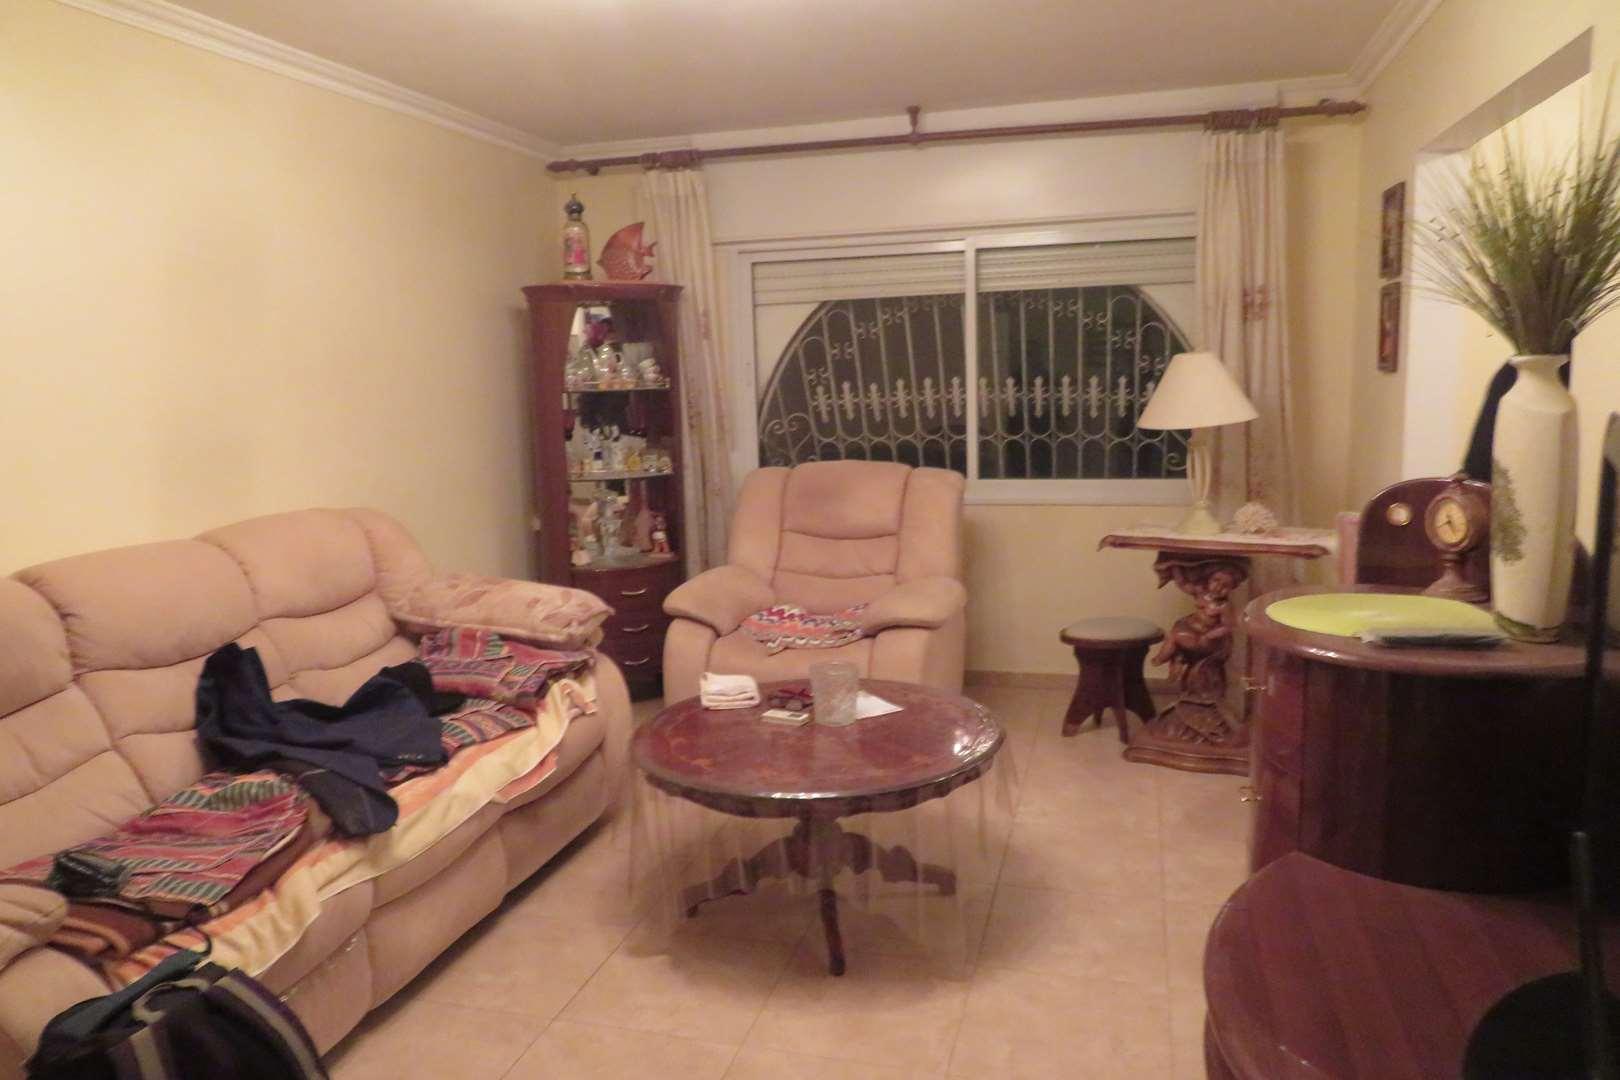 דירה להשכרה 3 חדרים בירושלים השישה עשר פסגת זאב